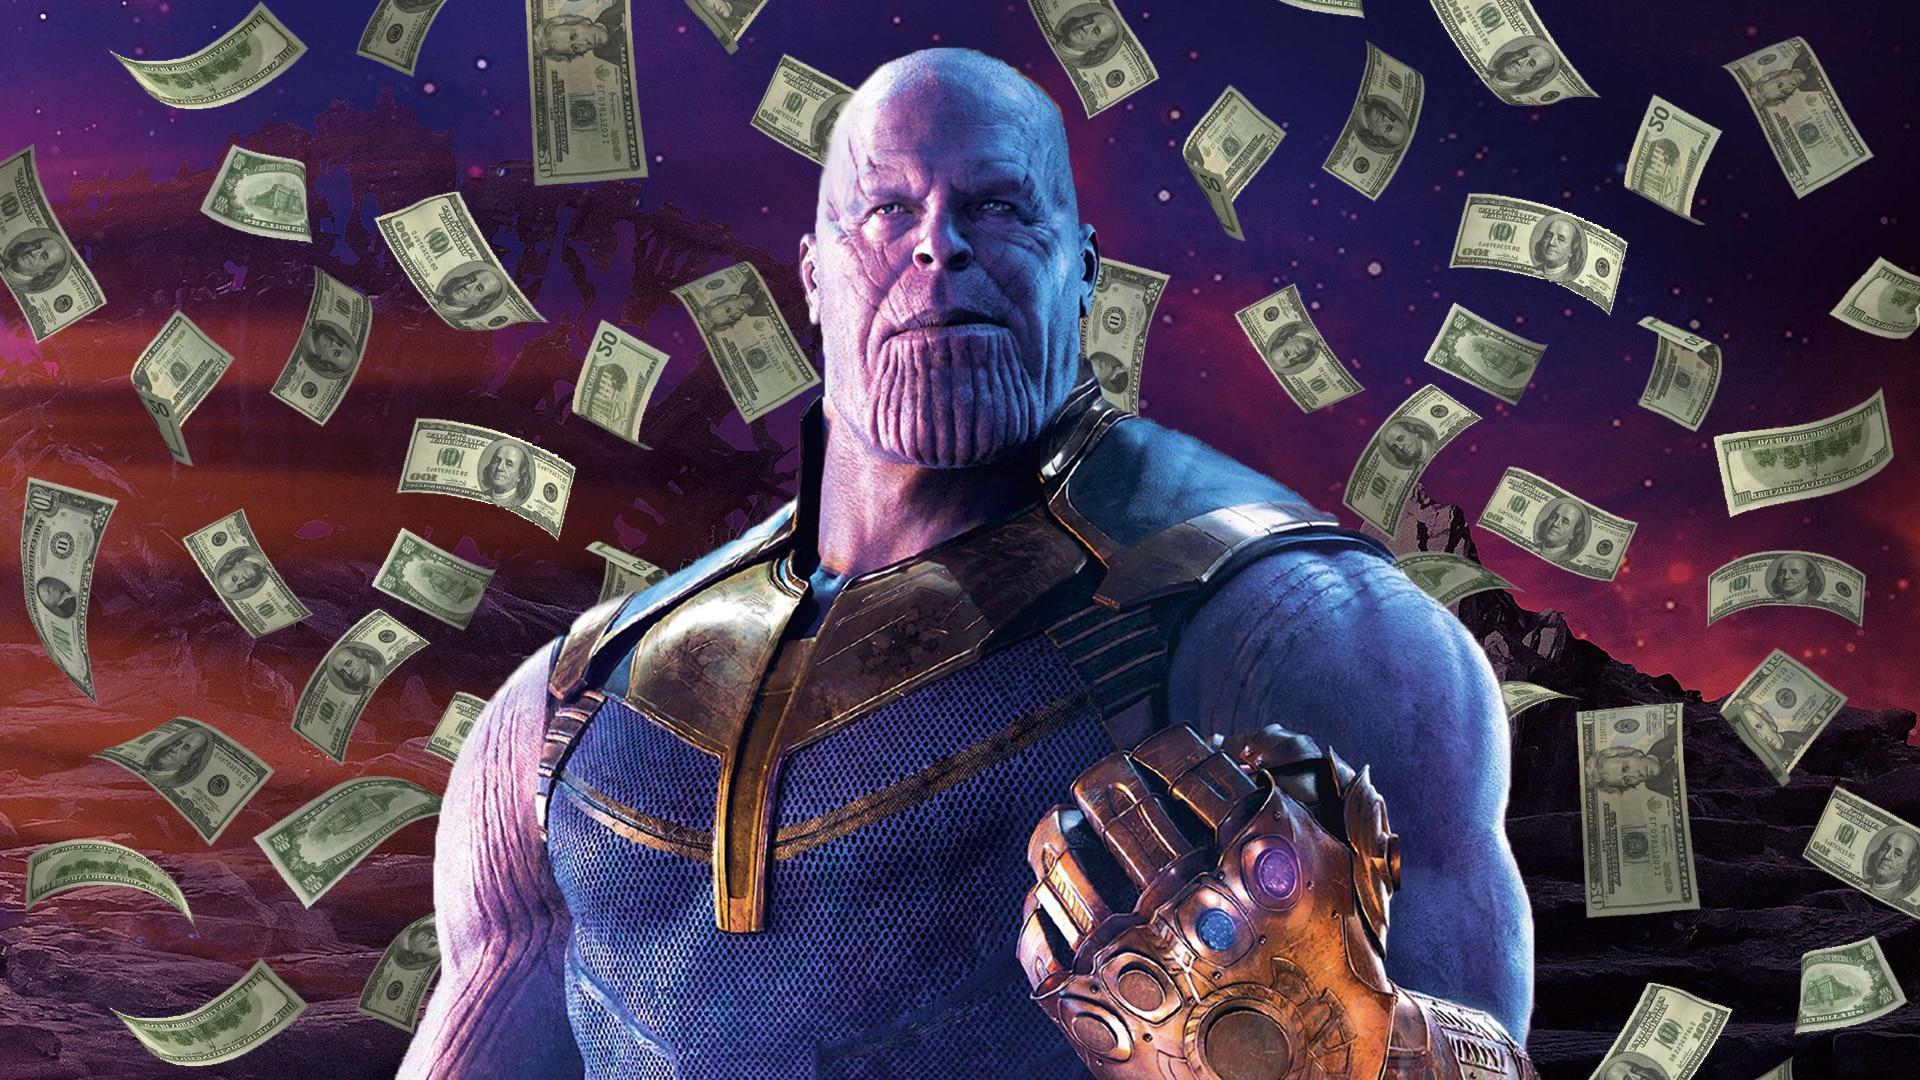 avengers infinity war zárobok Avengers: Infinity War sa po troch dňoch stáva jedným z najzárobkovejších filmov v histórii